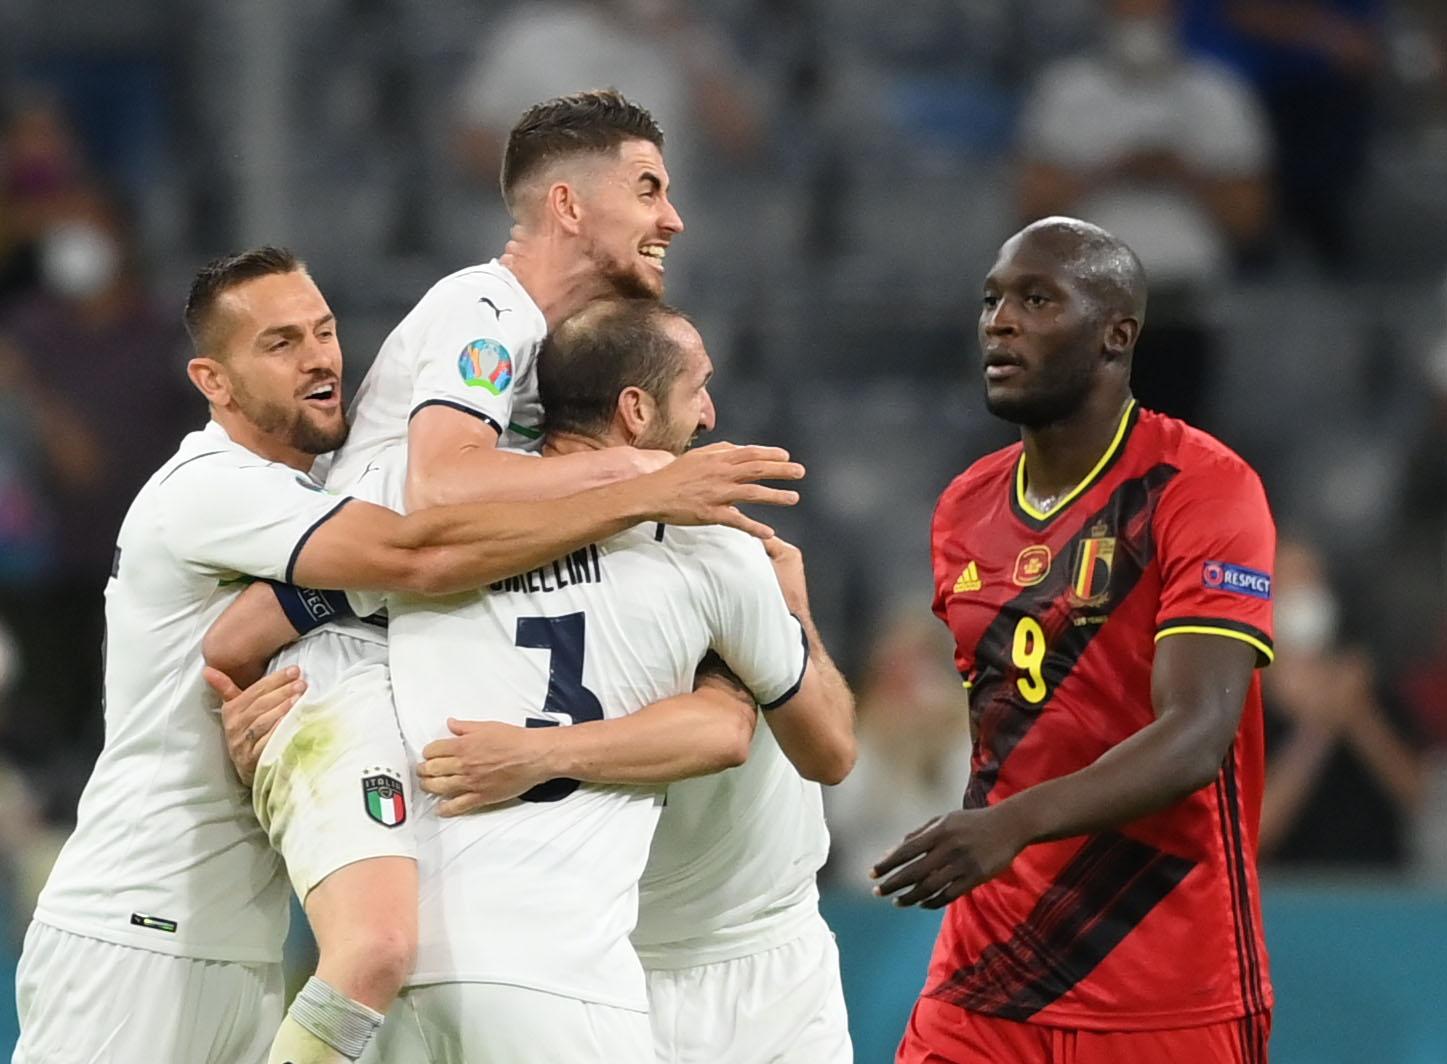 Euro 2020, Βέλγιο – Ιταλία 1-2: Ατζούρι για κούπα